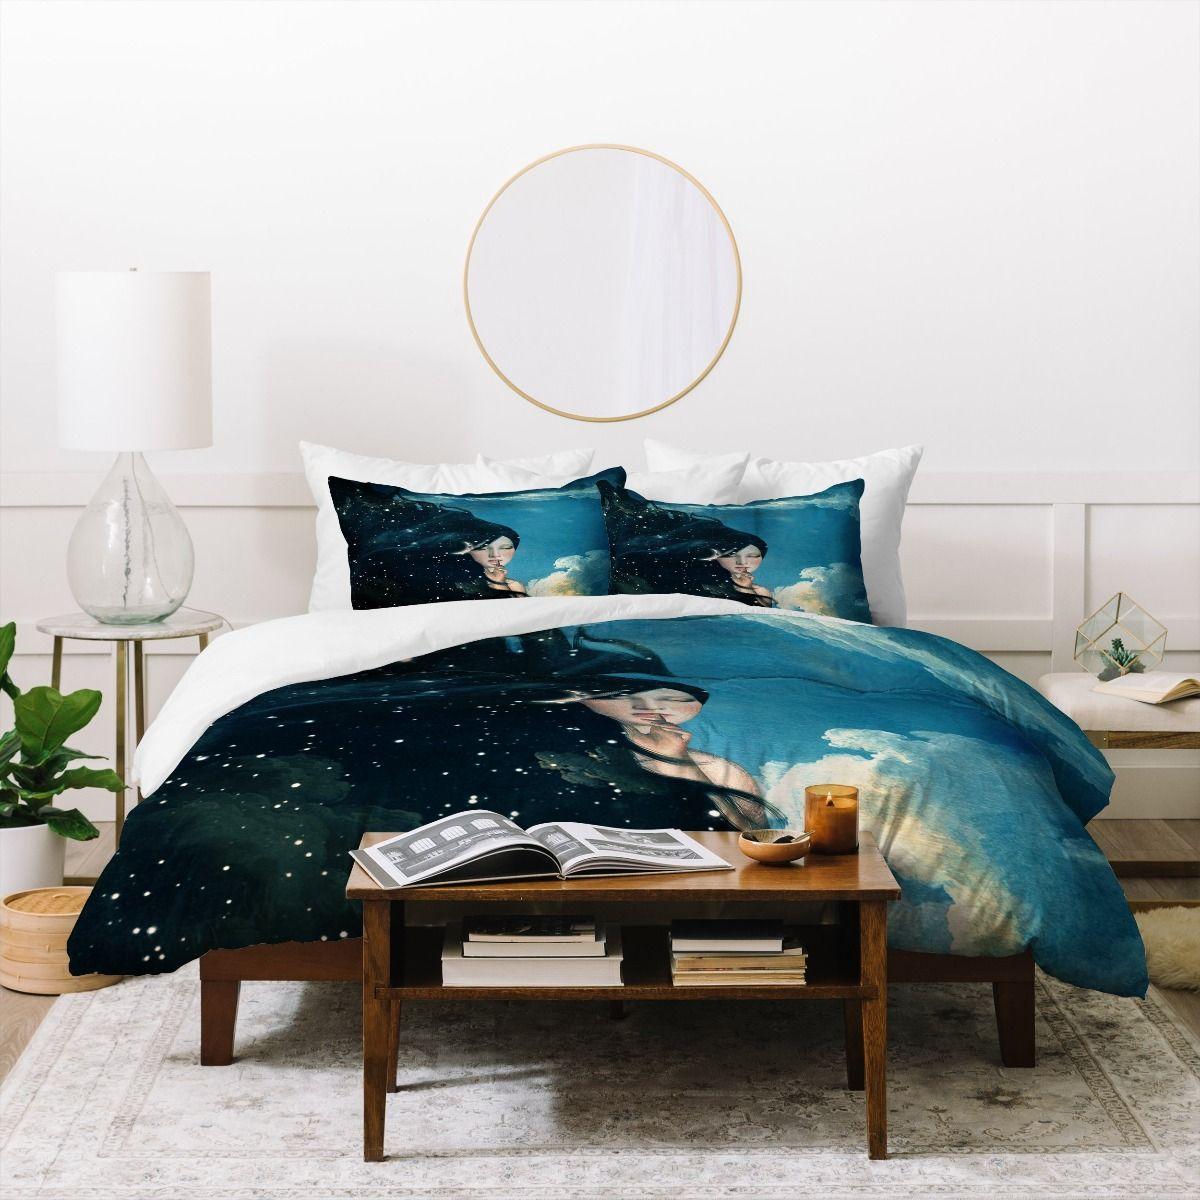 Belle Time For Sleep Cotton Duvet Cover & Pillow Shams